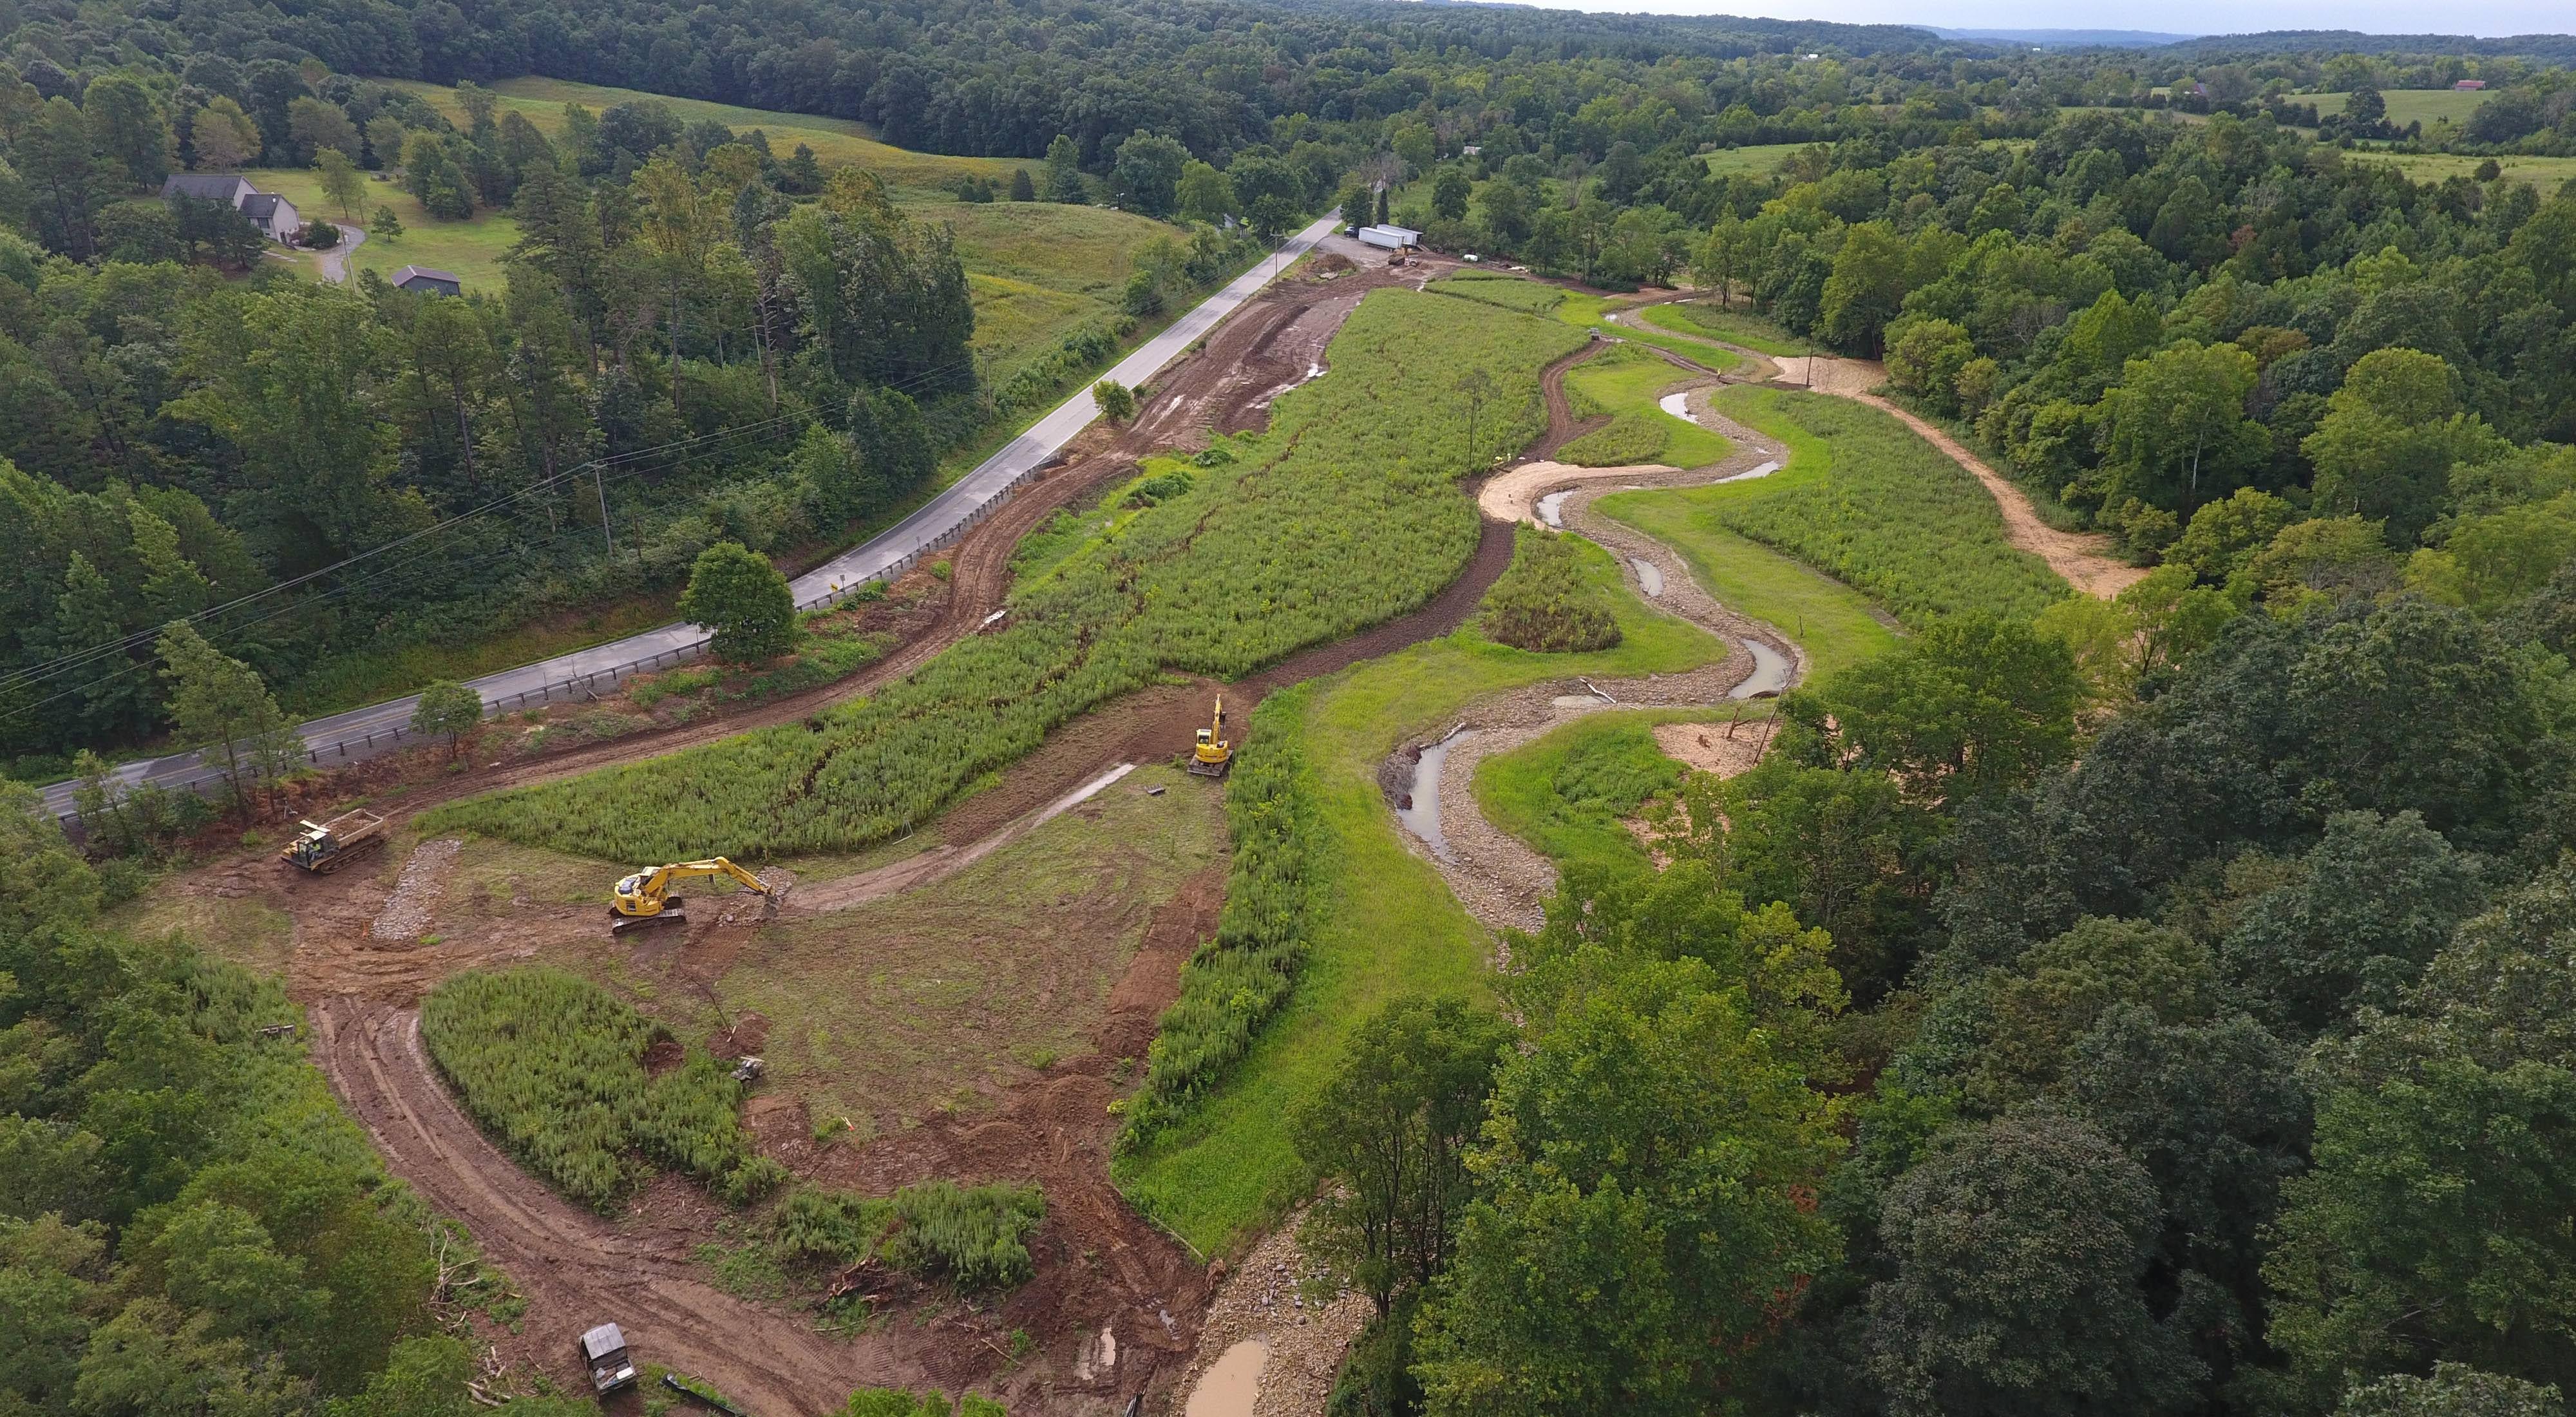 Strait Creek project under construction